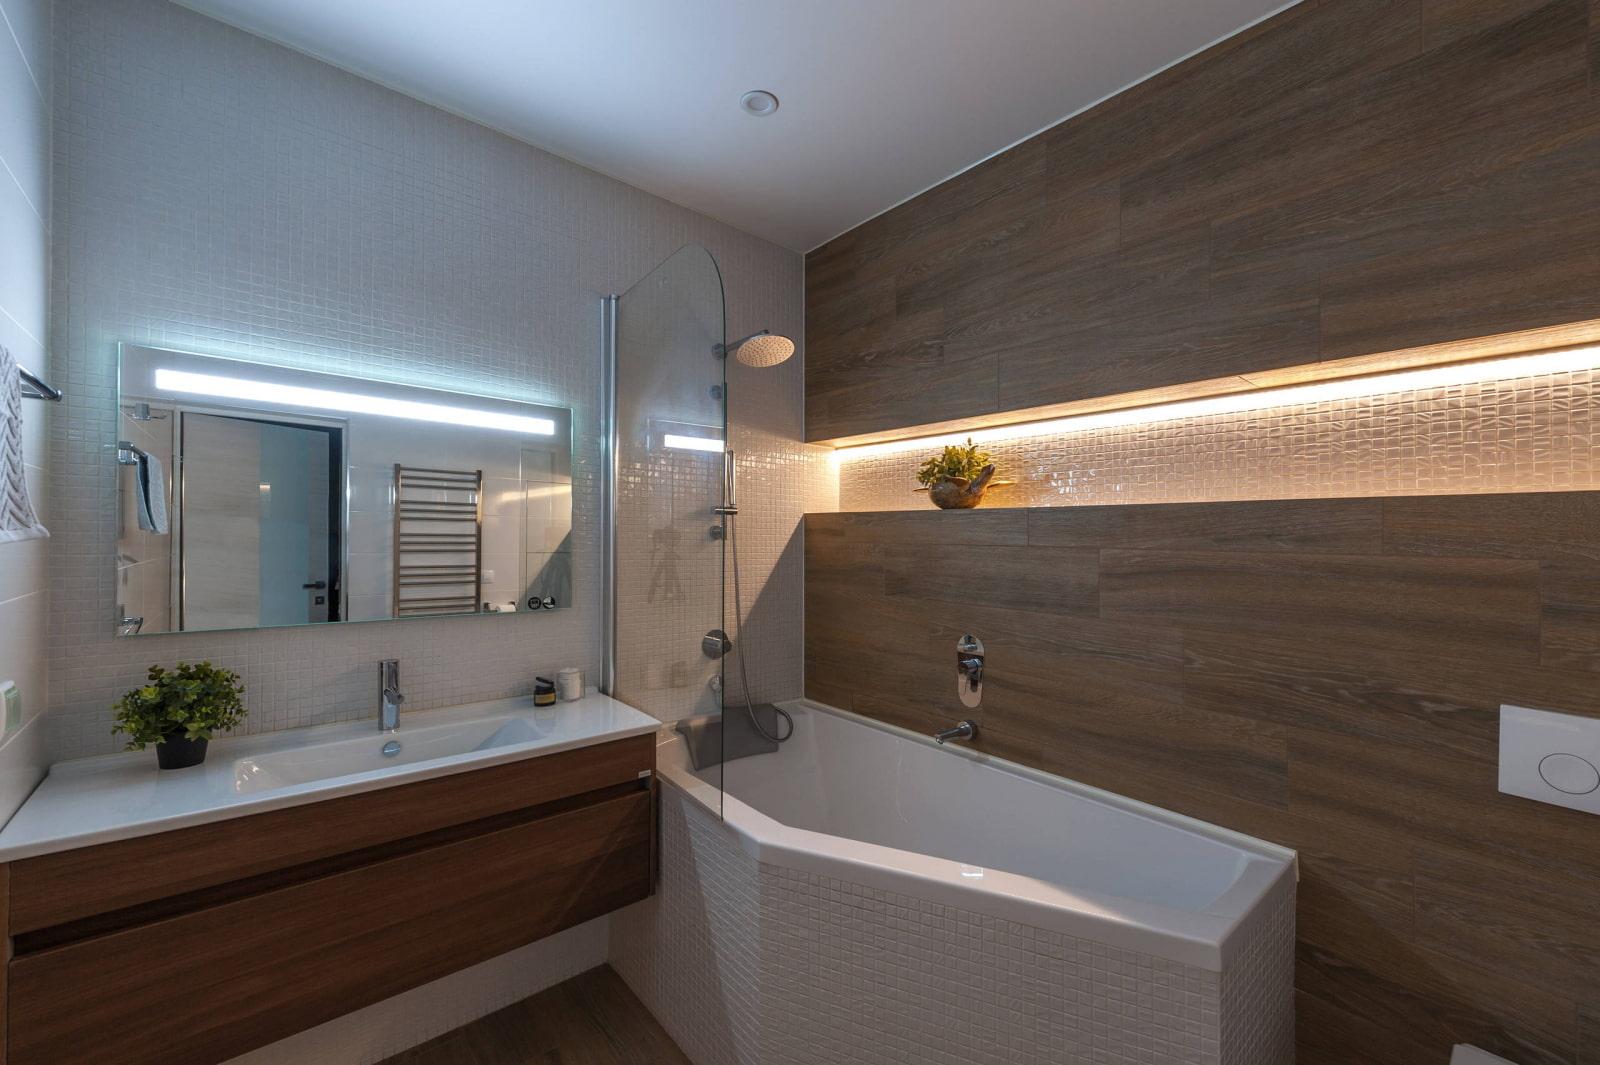 полки в ванной комнате дизайн идеи